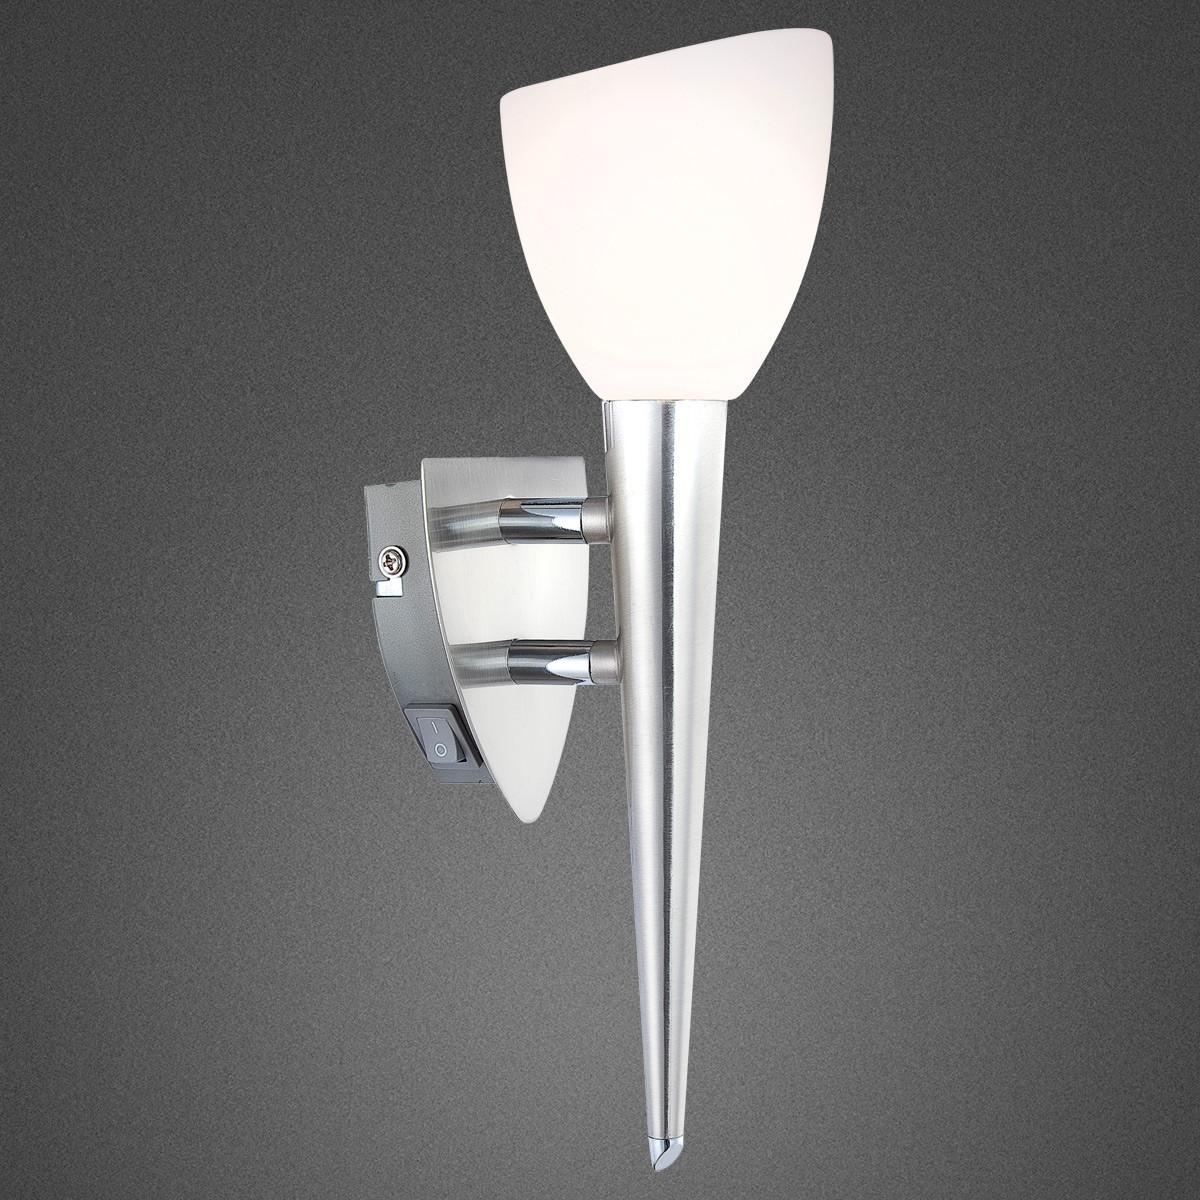 GLOBO 4410-1N  nástěnné svítidlo nejen do chodby a předsíně